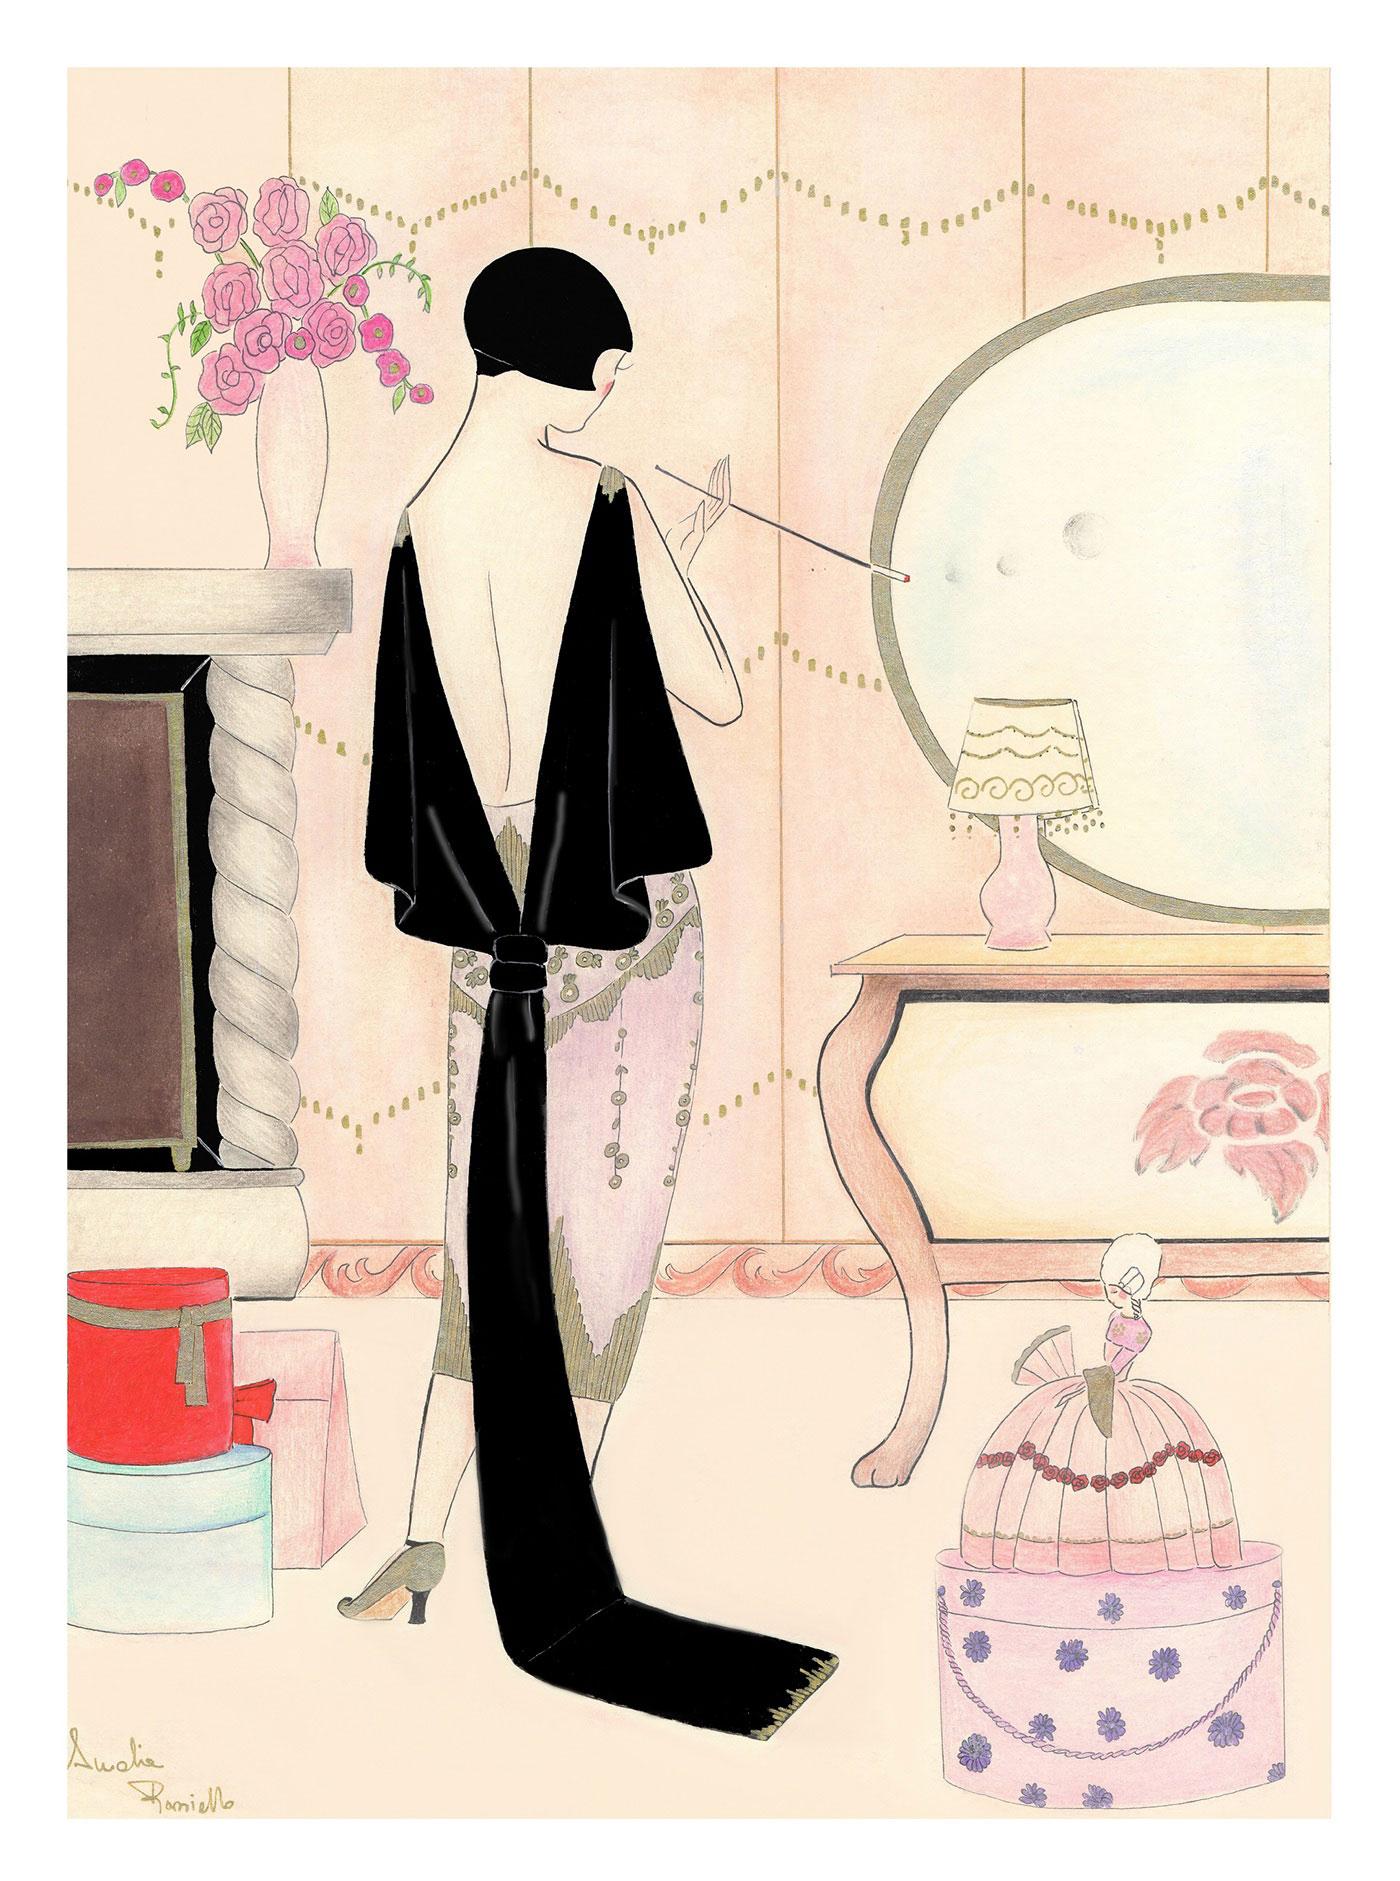 Madame Dabi© - La chambre rose - enkil.org